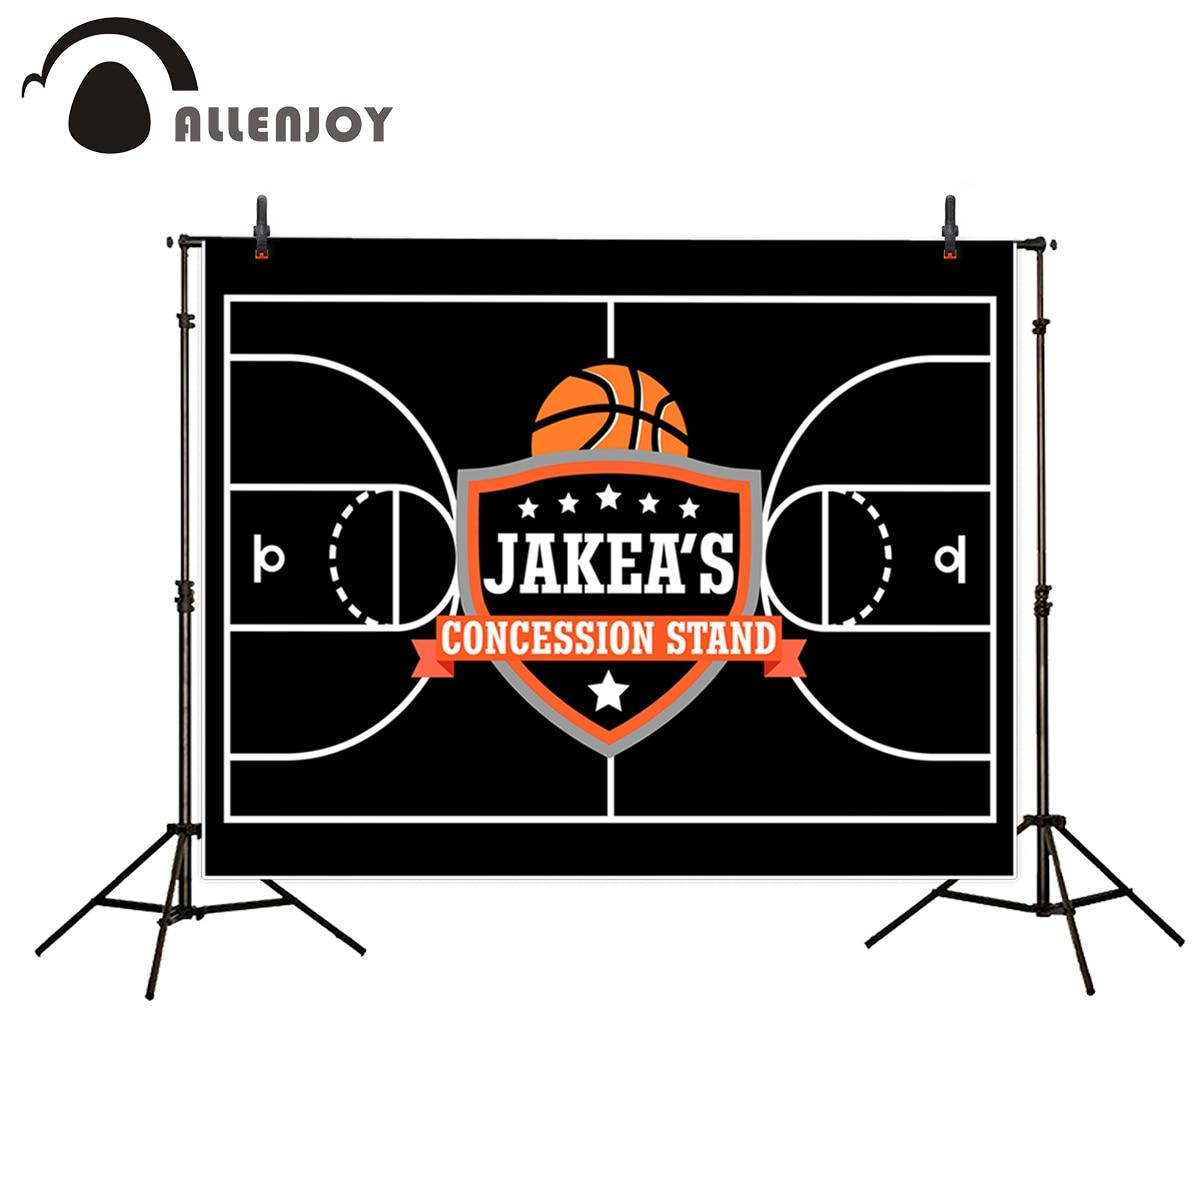 Allenjoy fundos para estúdio de fotos preto jogo de basquete cartaz customizeization pano de fundo novo design original fantasia adereços